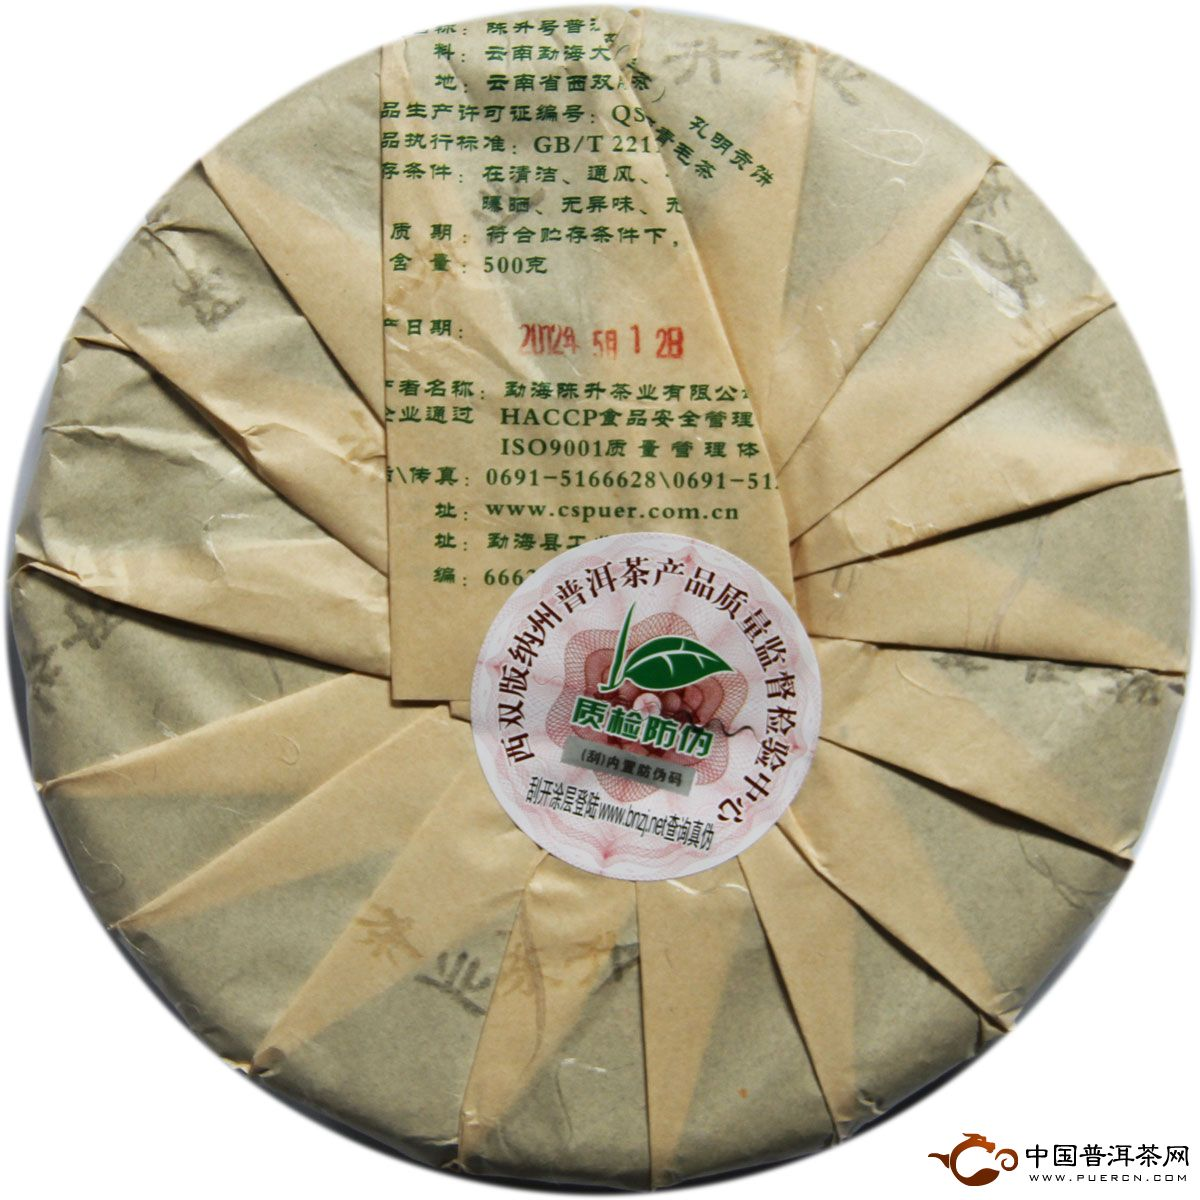 2012年陈升号孔明贡饼(生茶) 500克